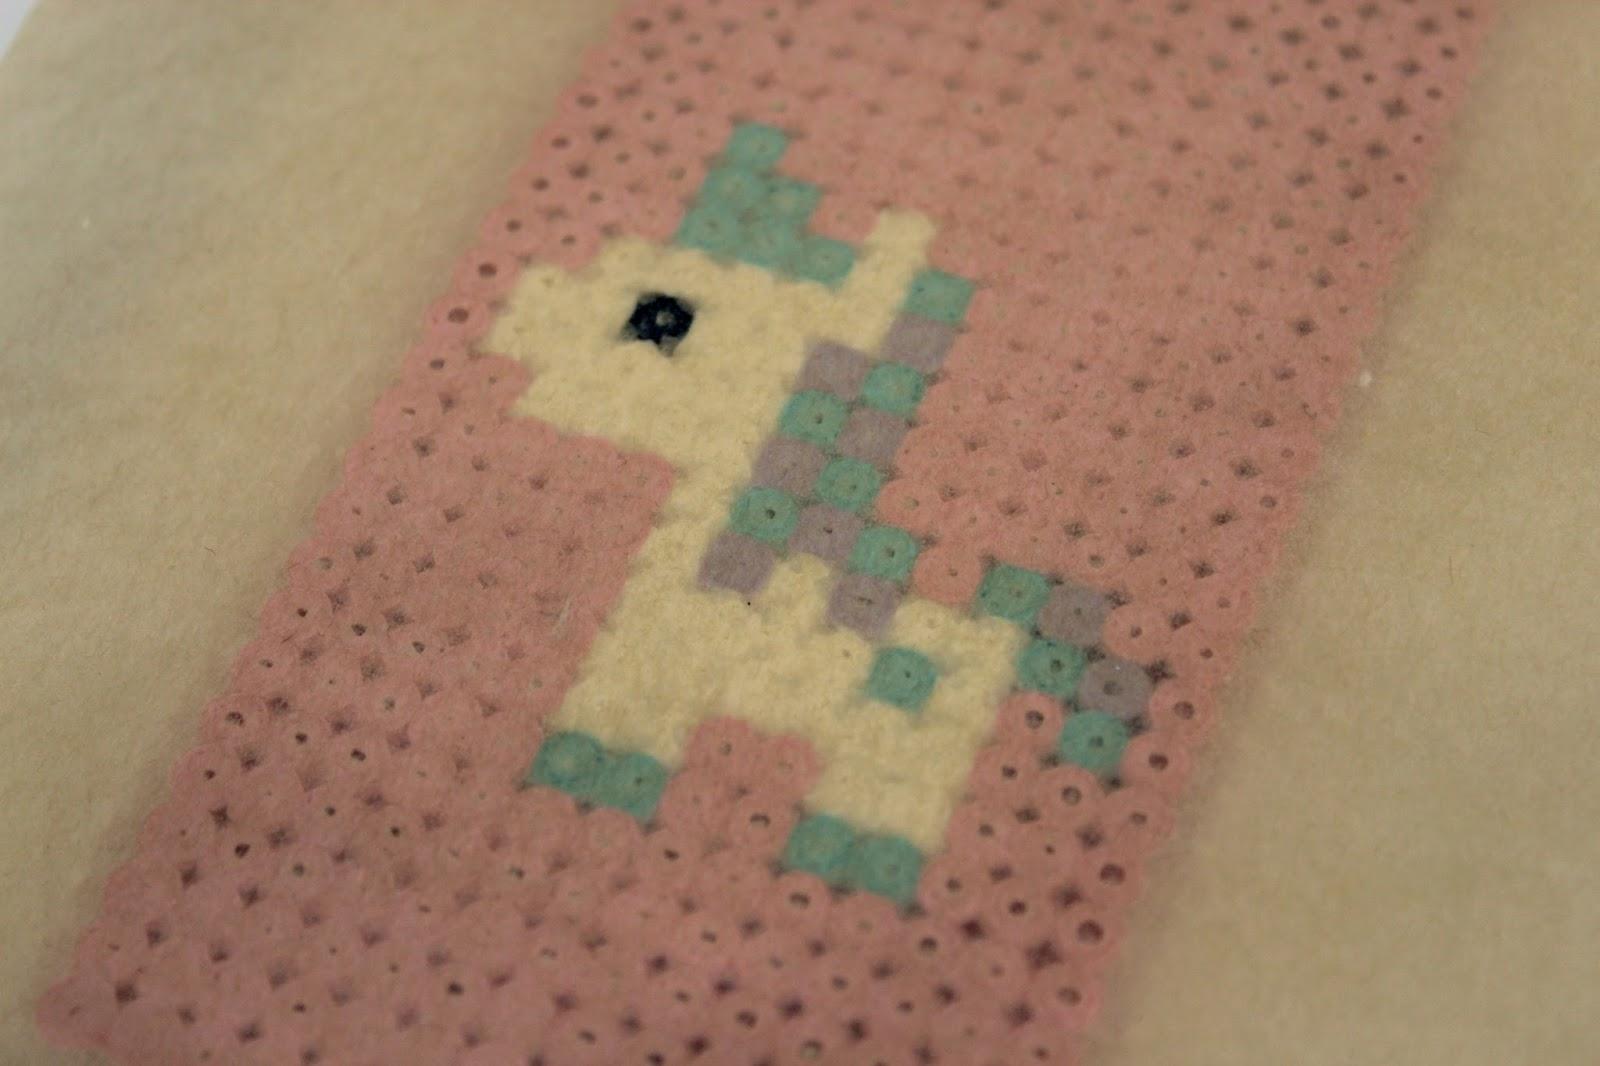 DIY Handyhülle Einhorn aus Hama Bügelperlen ganz einfach selber machen - das Must Have im Sommer